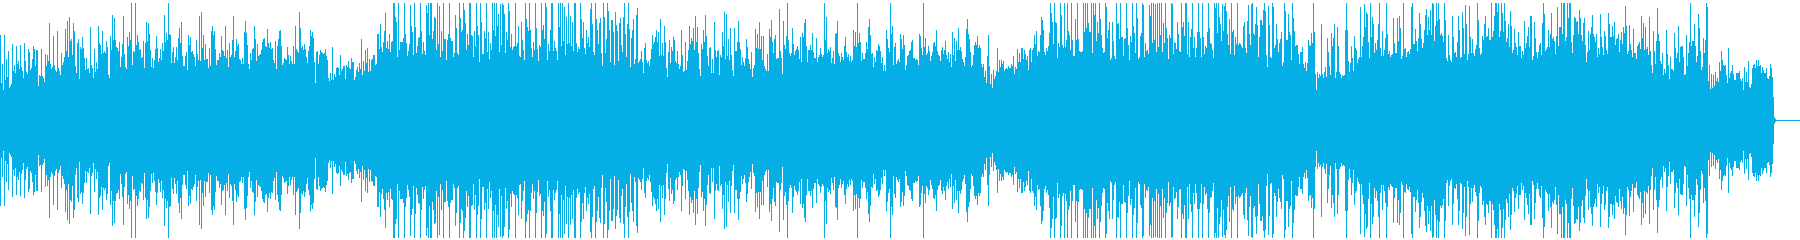 ギターリフとDnBビートのバトル曲の再生済みの波形